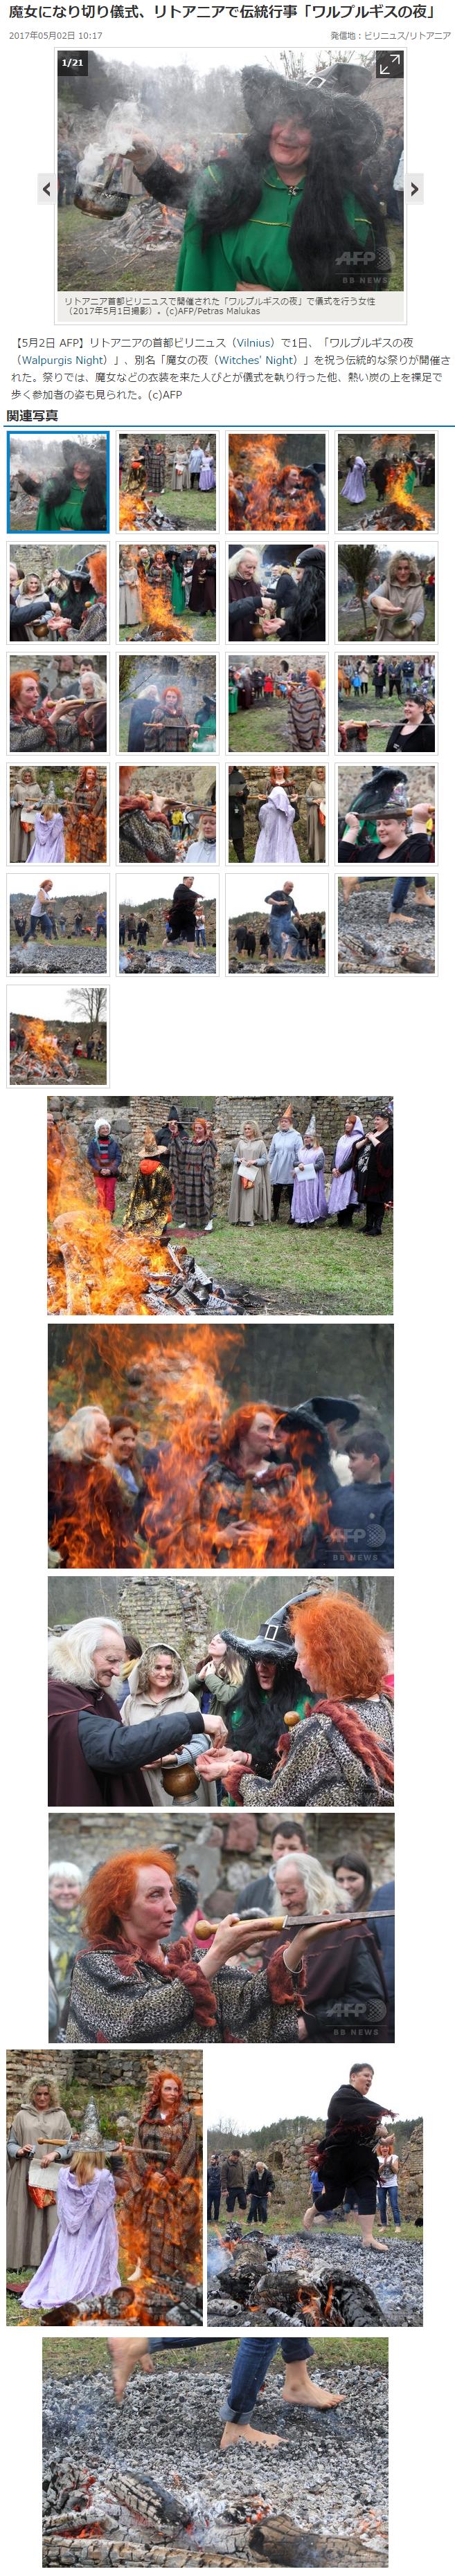 リトアニアで伝統行事「ワルプルギスの夜」